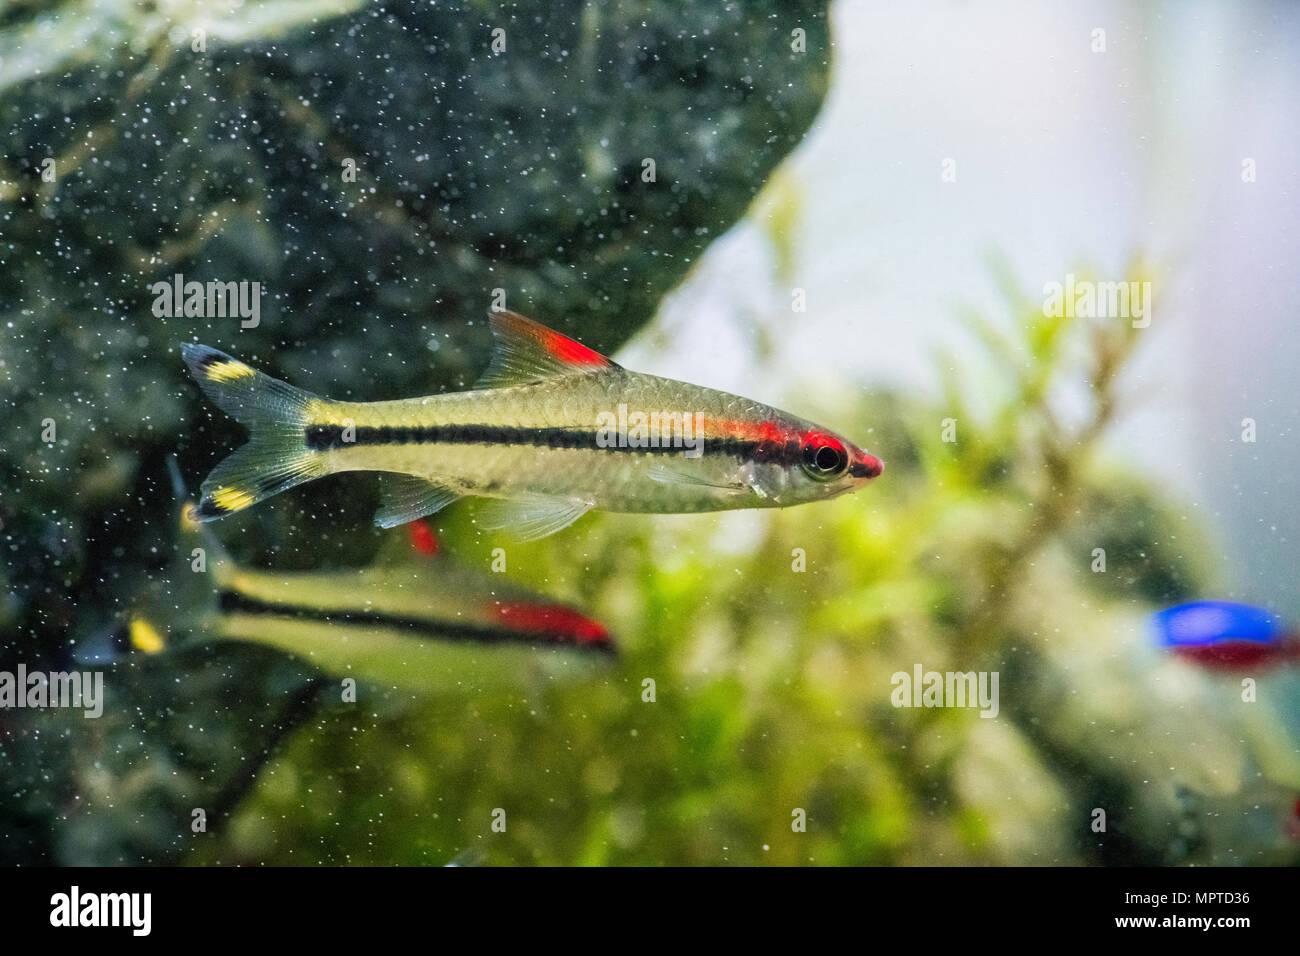 Torpedo in Aquarium Stock Photo